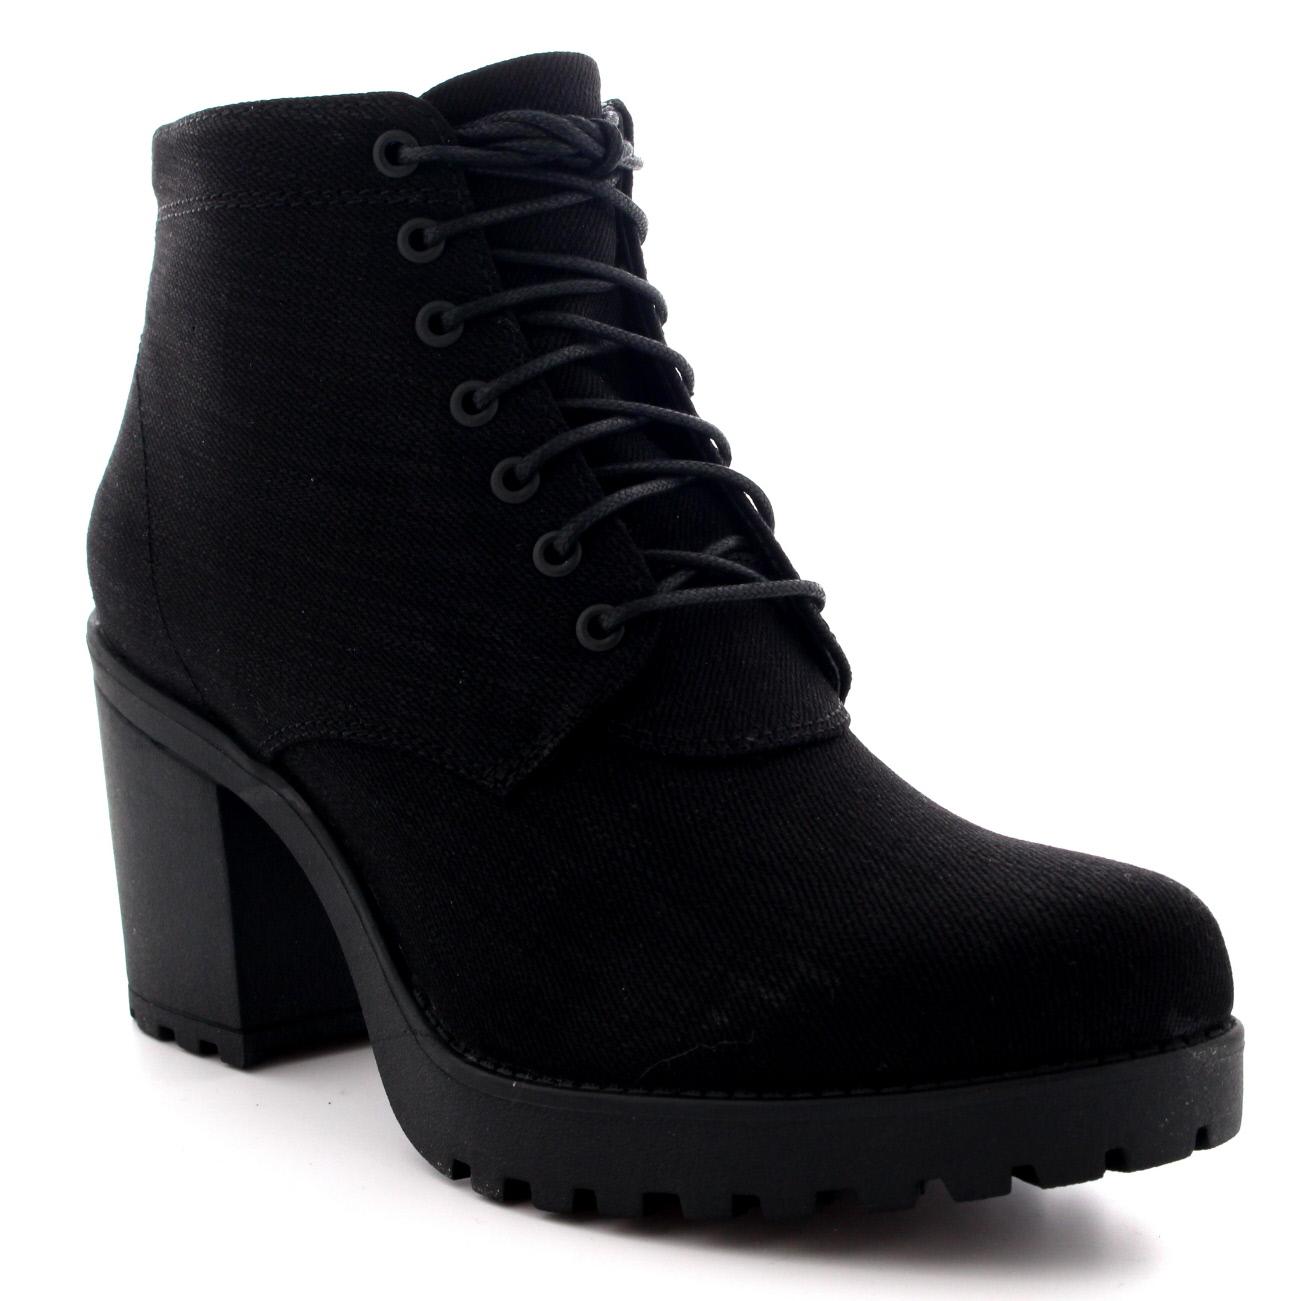 Vagabond Grace Ankle Boots